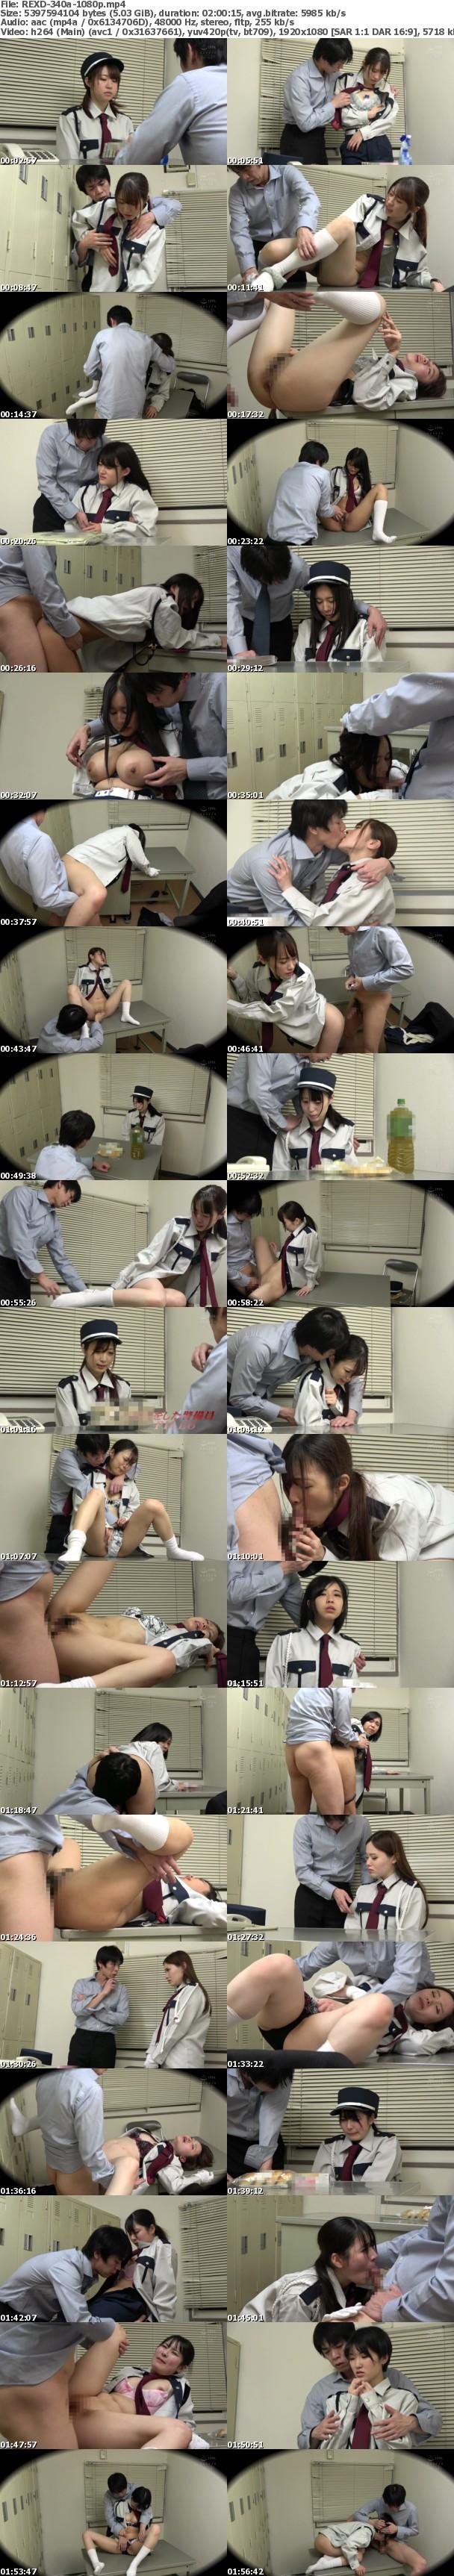 (Full HD) REXD-340 制服に隠された女体 万引きをしてしまった警備員 「いい乳してるなぁ…尻もプリプリで…さぁ!身体で払ってもらおうか!」